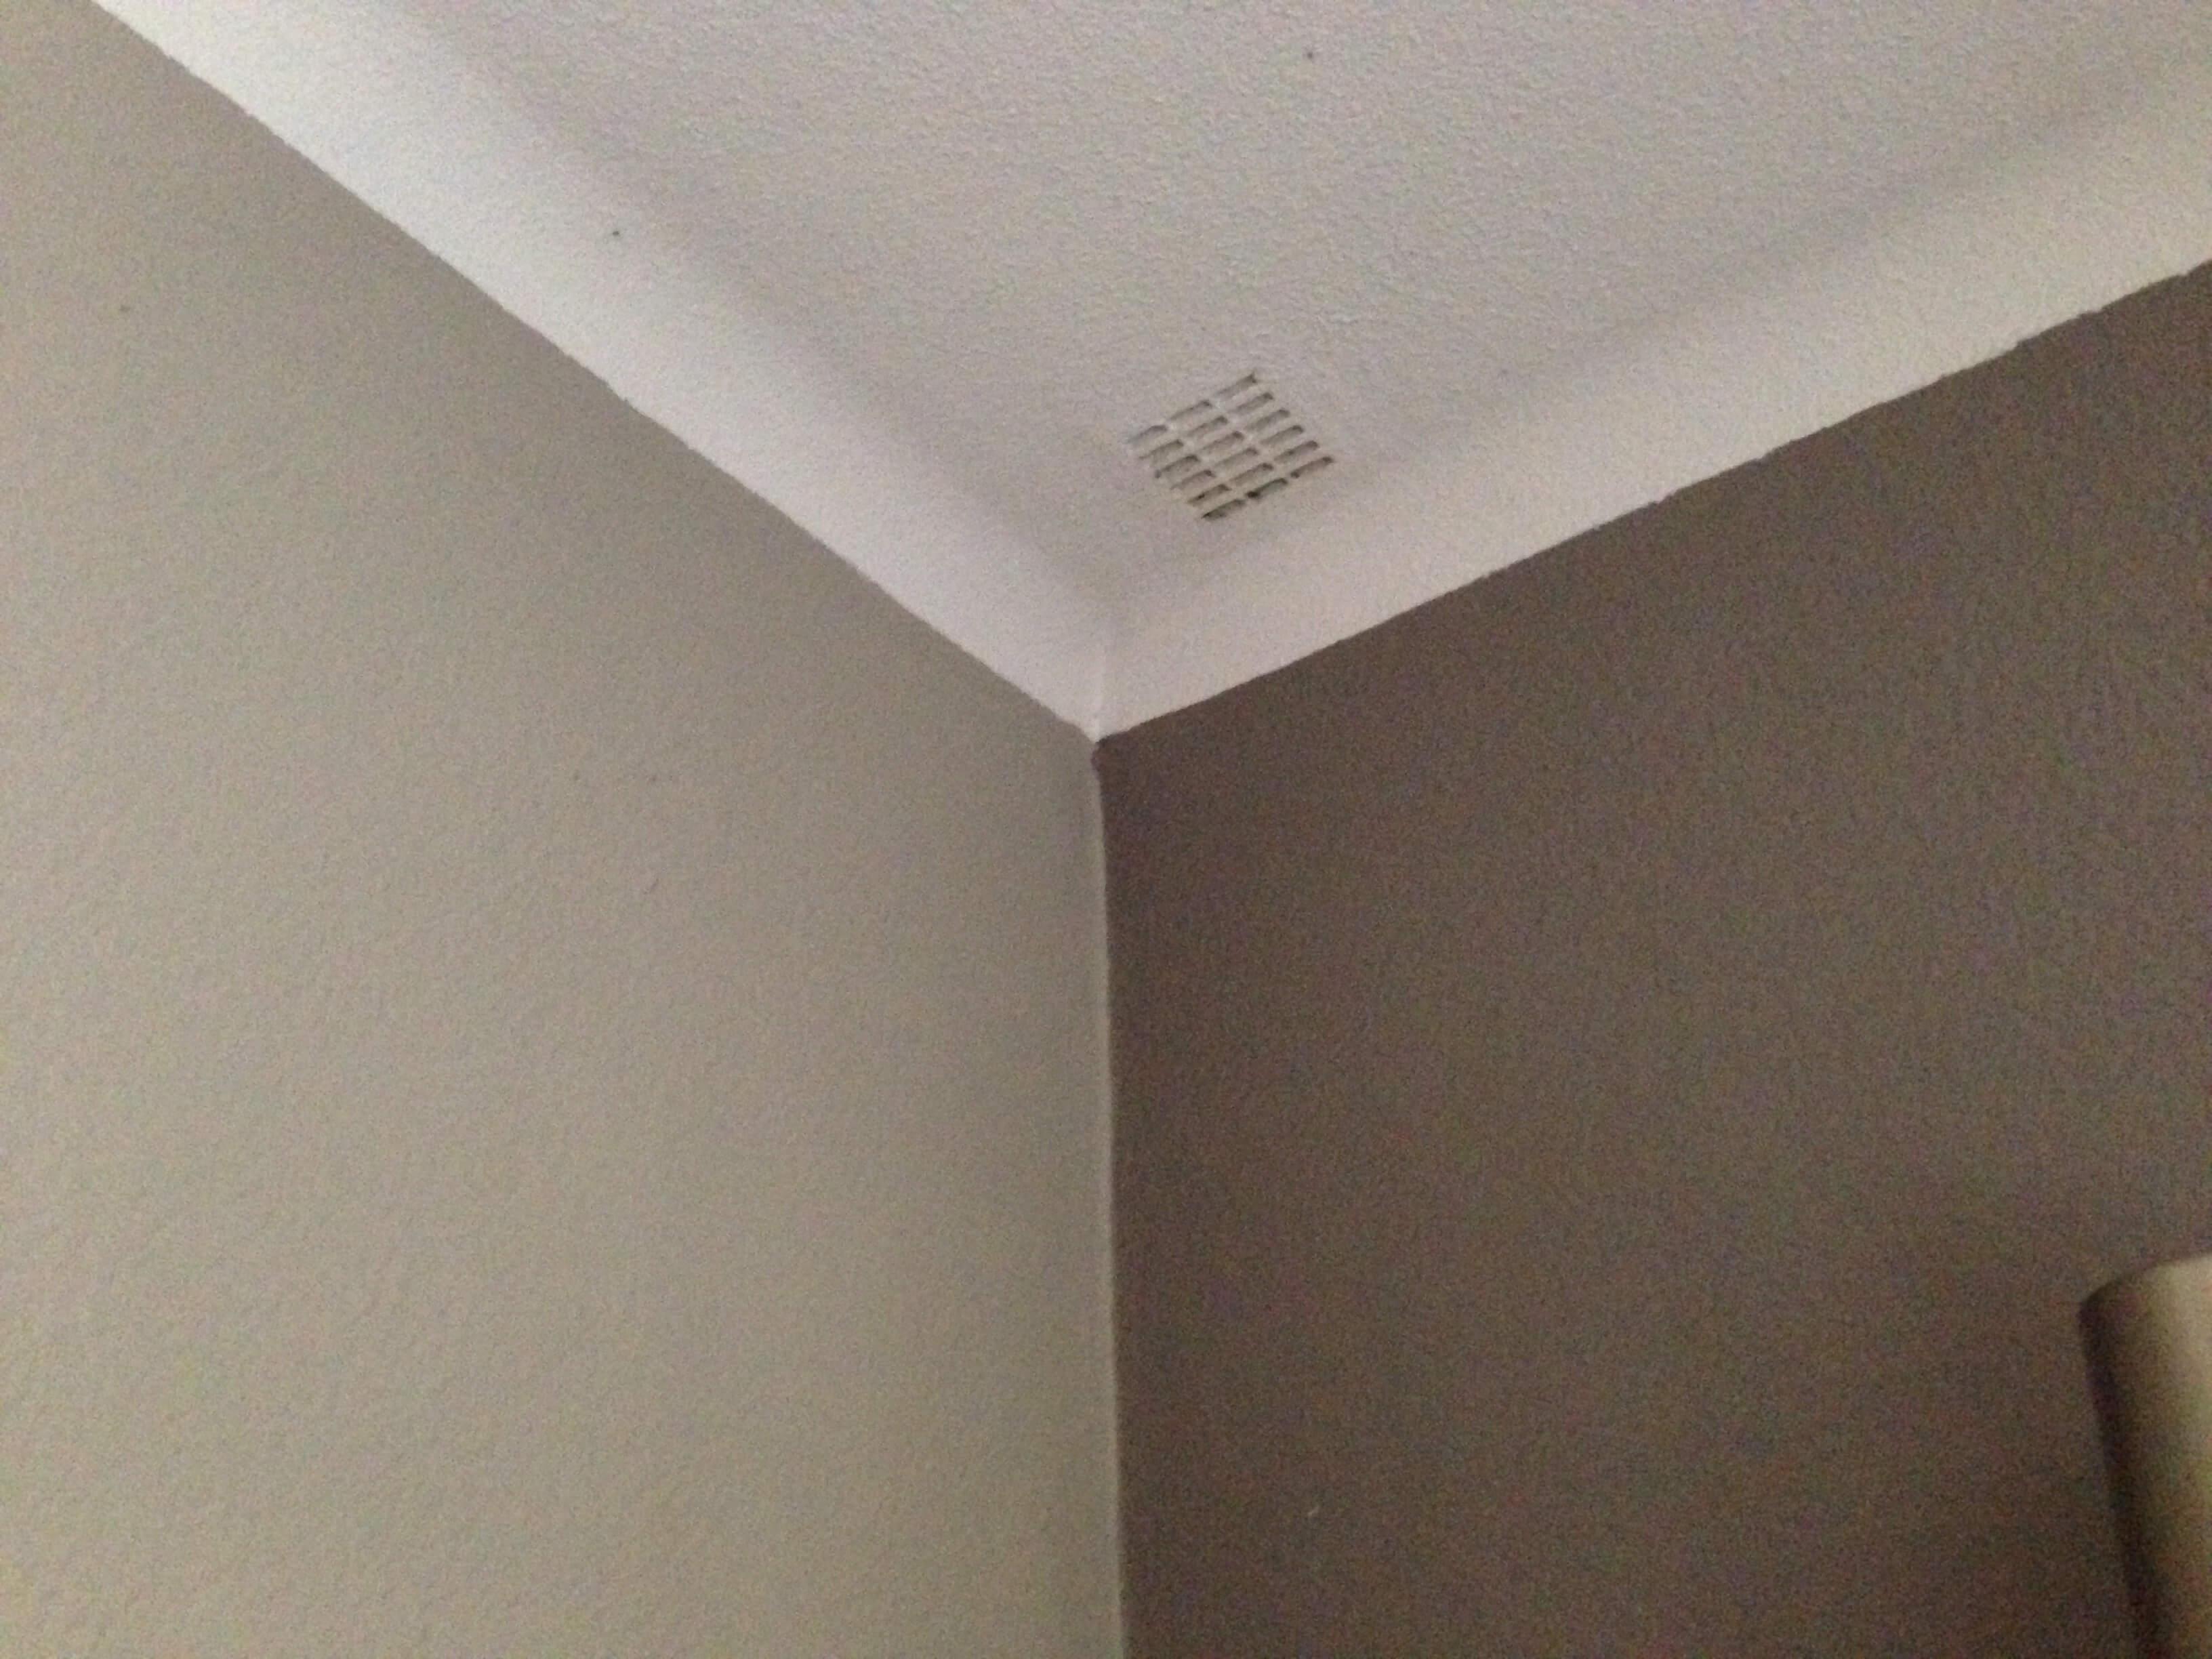 comment enlever un arrondi mur plafond ? - Comment Enlever De La Peinture Sur Un Mur En Platre